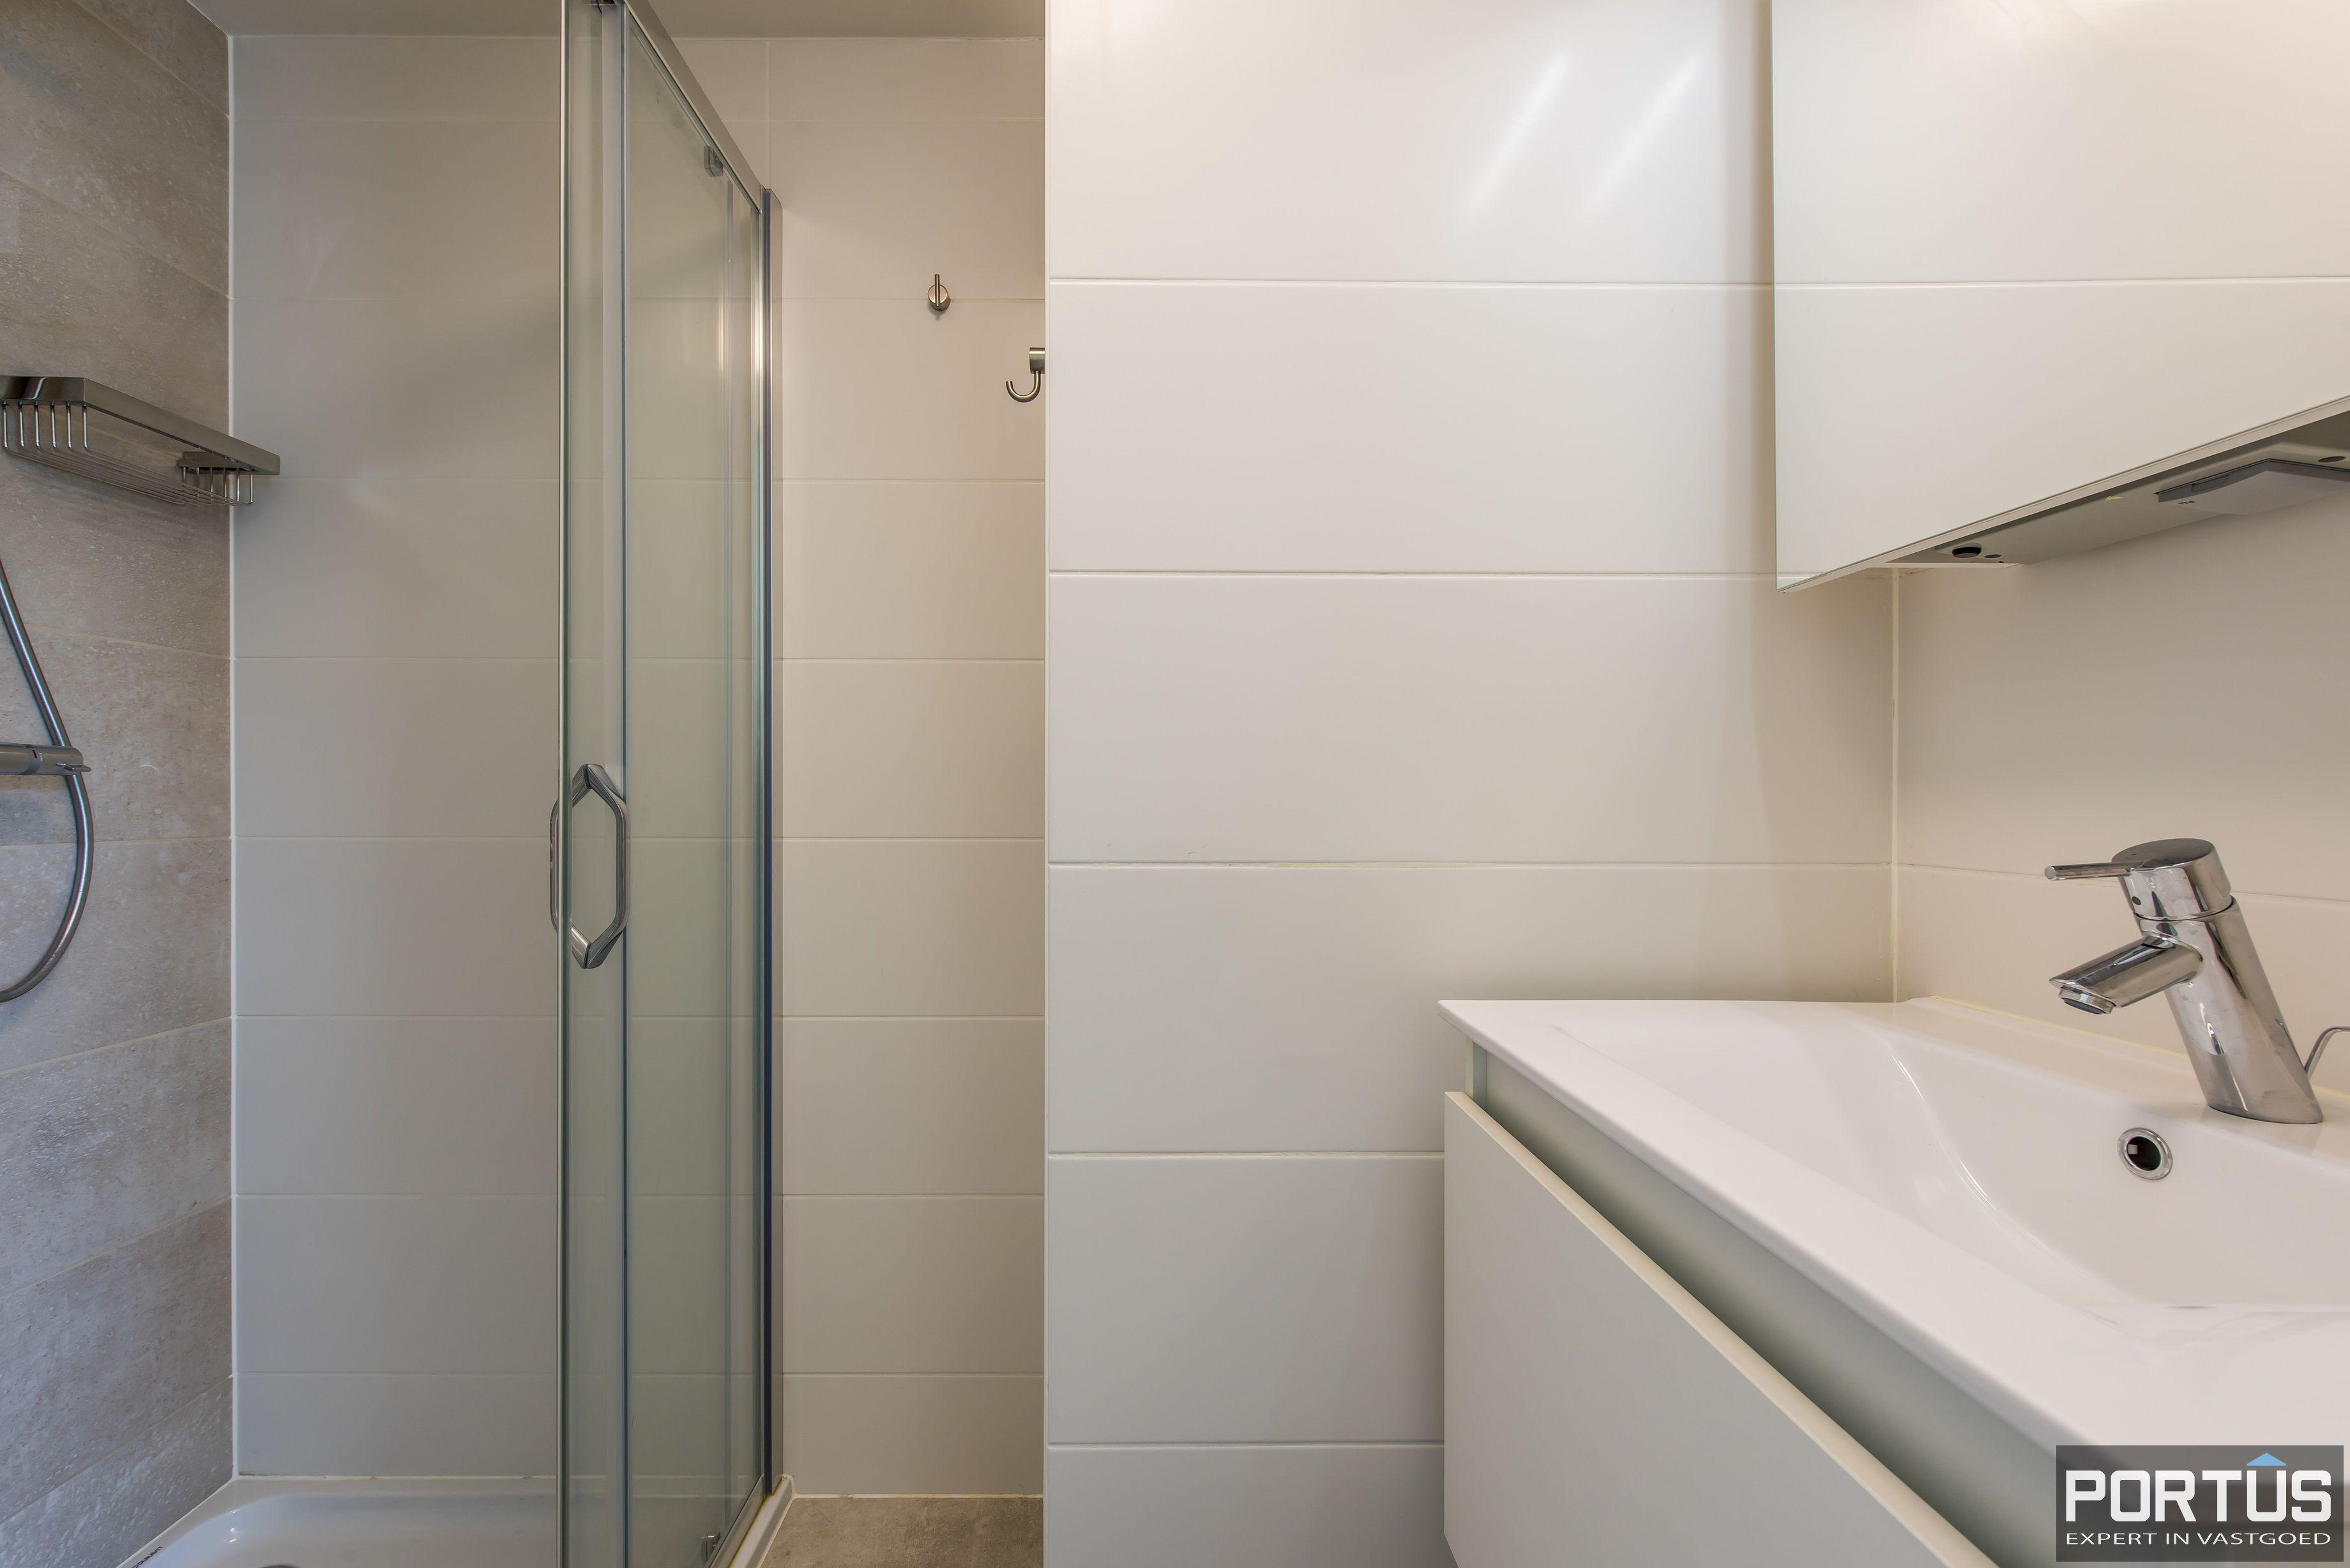 Recent appartement met 2 slaapkamers te koop te Nieuwpoort - 11398